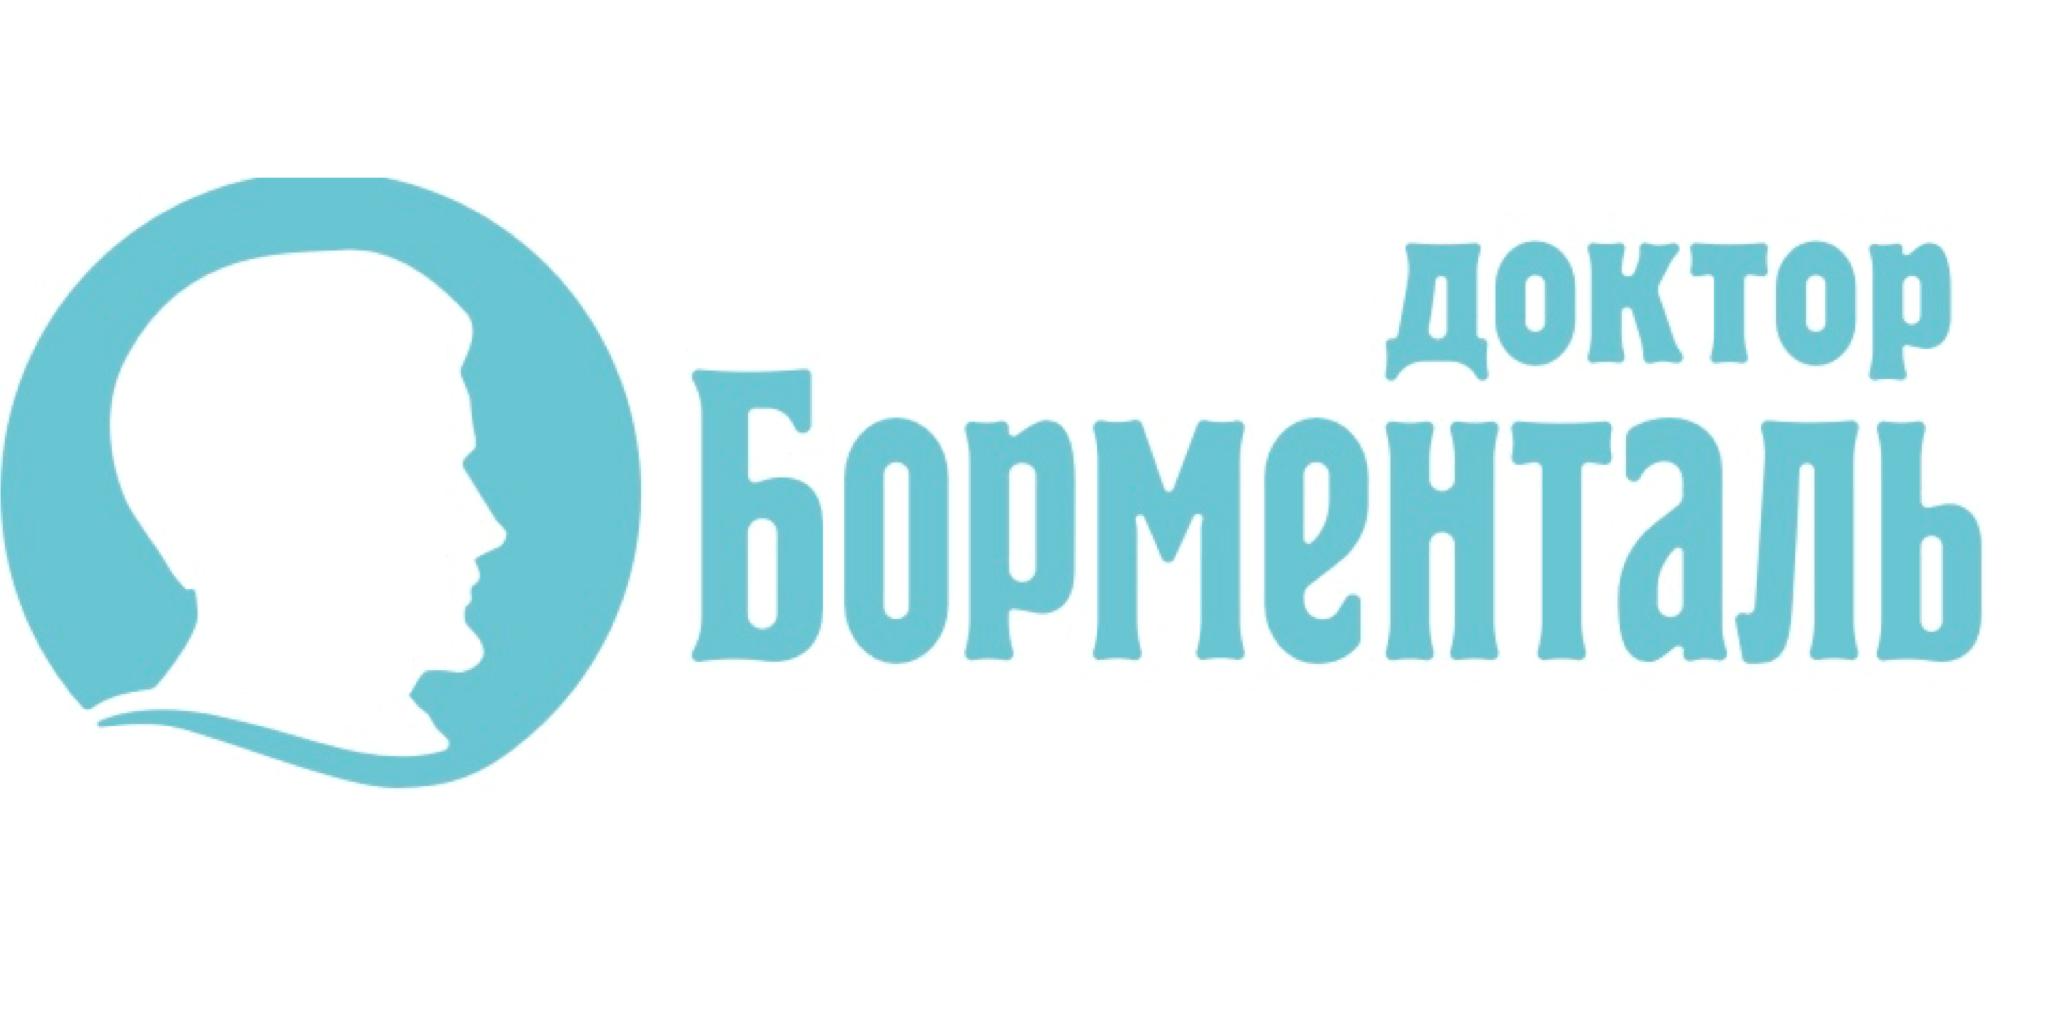 Клиника косметологии и похудения Доктор Борменталь